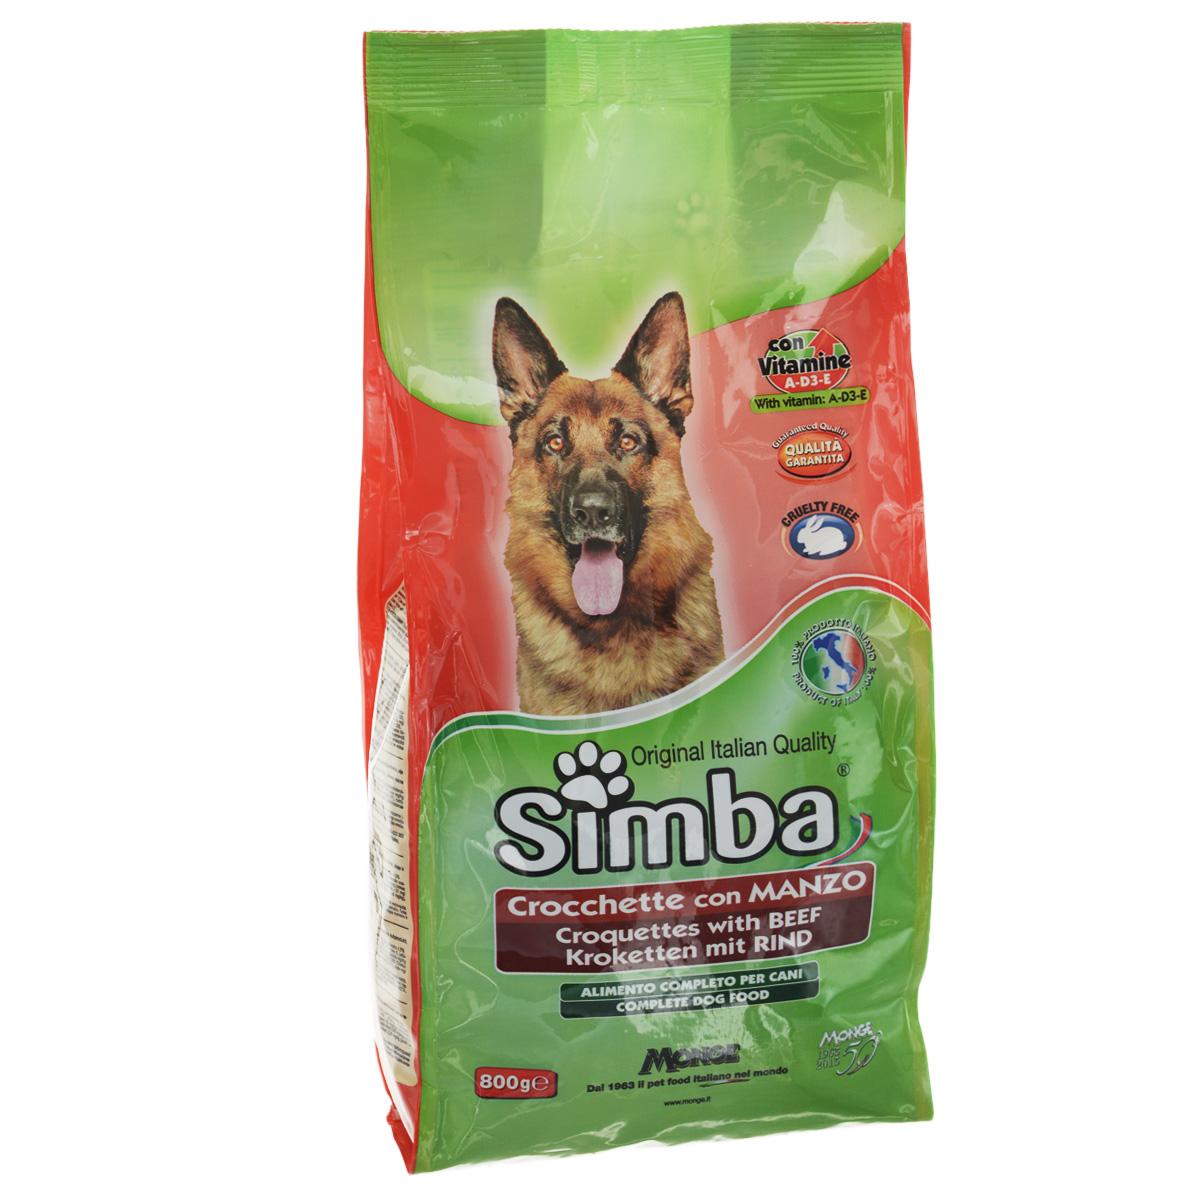 Корм сухой Monge Simba для взрослых собак, с говядиной, 800 г70009829Сухой корм Monge Simba - это полноценный корм для собак с витаминами A, D3, E, которые способствуют укреплению здоровья и отличного состояния животных. Оптимальное содержание белка гарантируется наличием говяжьего мяса. Состав: злаки, мясо и мясопродукты (говядина мин. 4,1%), побочные продукты растительного происхождения, масла и жиры, витамины, минеральные вещества. Анализ компонентов: белок 21%, масла и жиры 8%, сырая клетчатка 4,5%, сырая зола 9,5%. Витамины и добавки на 1 кг: витамин А 10000 МЕ, витамин D3 700 МЕ, витамин Е 50 мг, сульфат марганца 80 мг (марганец 25 мг), оксид цинка 170 мг (цинк 120 мг), сульфат меди 40 мг (медь 10 мг), сульфат железа 290 мг (железо 87 мг), селенит натрия 0,39 мг (селен 0,17 мг), йодат кальция 2,20 мг (йод 1,40 мг), антиоксиданты ЕЭС. Товар сертифицирован.